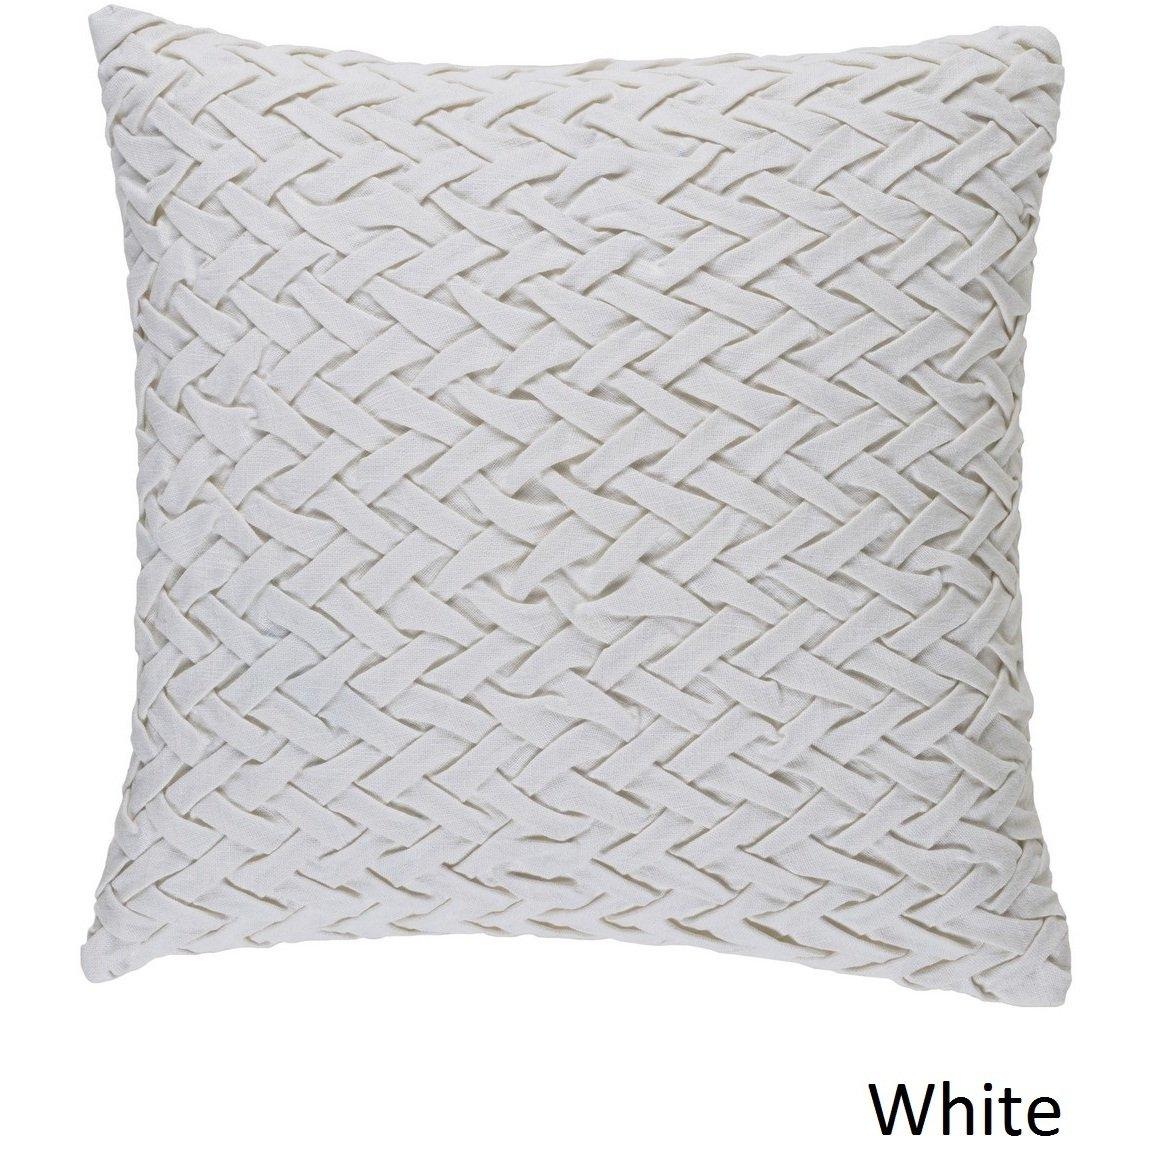 Amazon.com: Matts Global - Cojín con patrón de zigzag ...